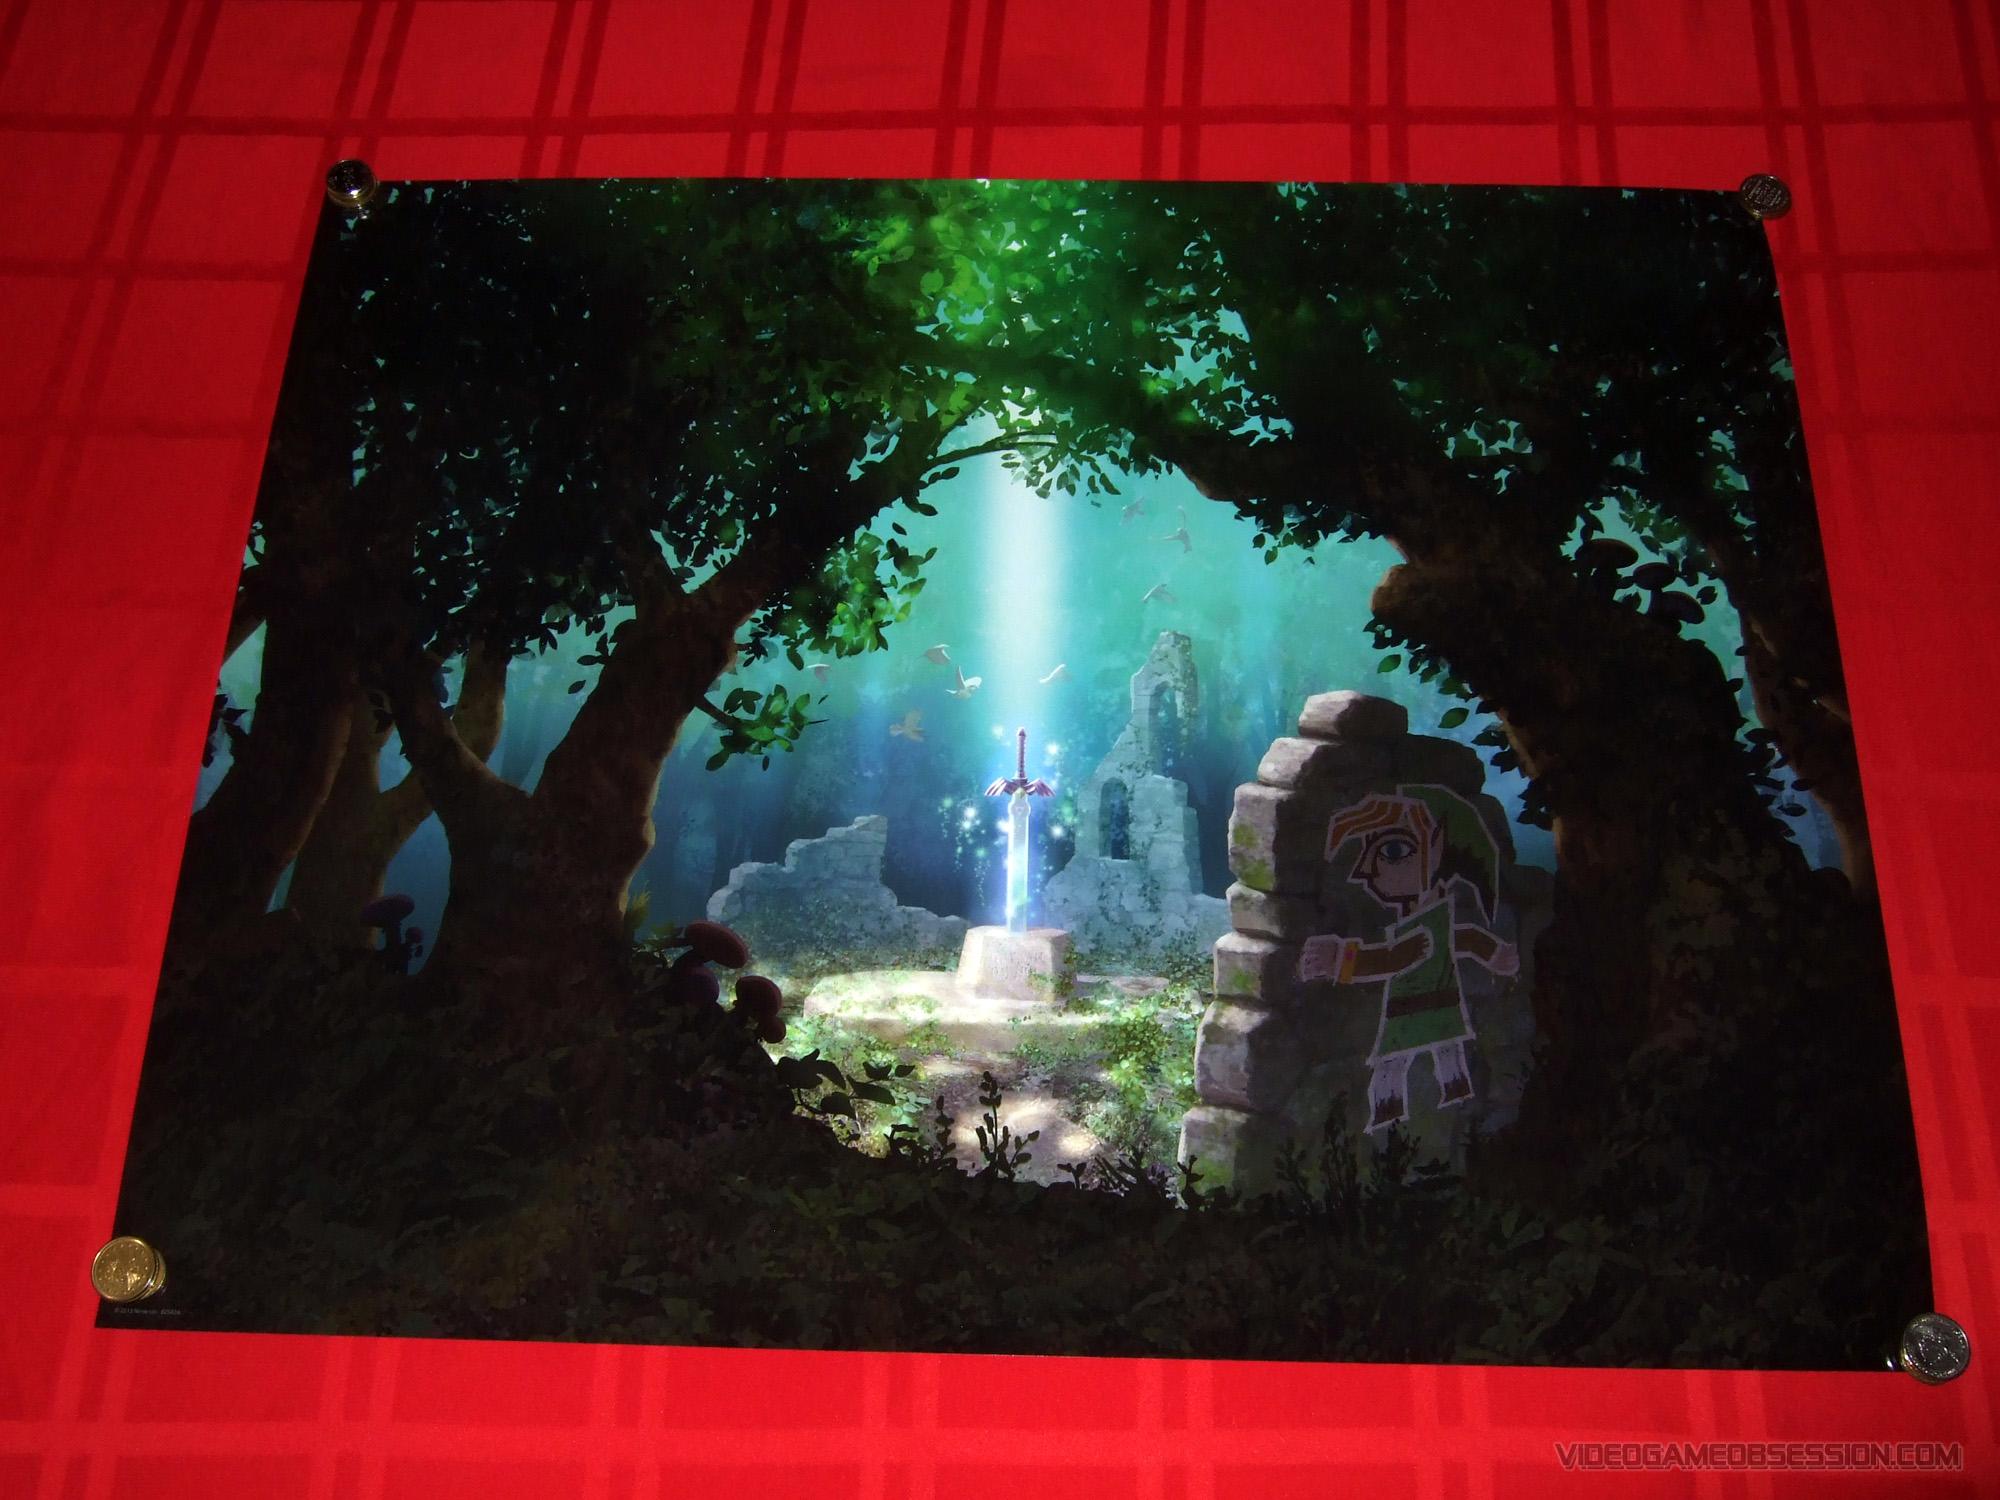 Zelda A link between worlds Poster Back Up on Club Nintendo  A Link Between Worlds Poster